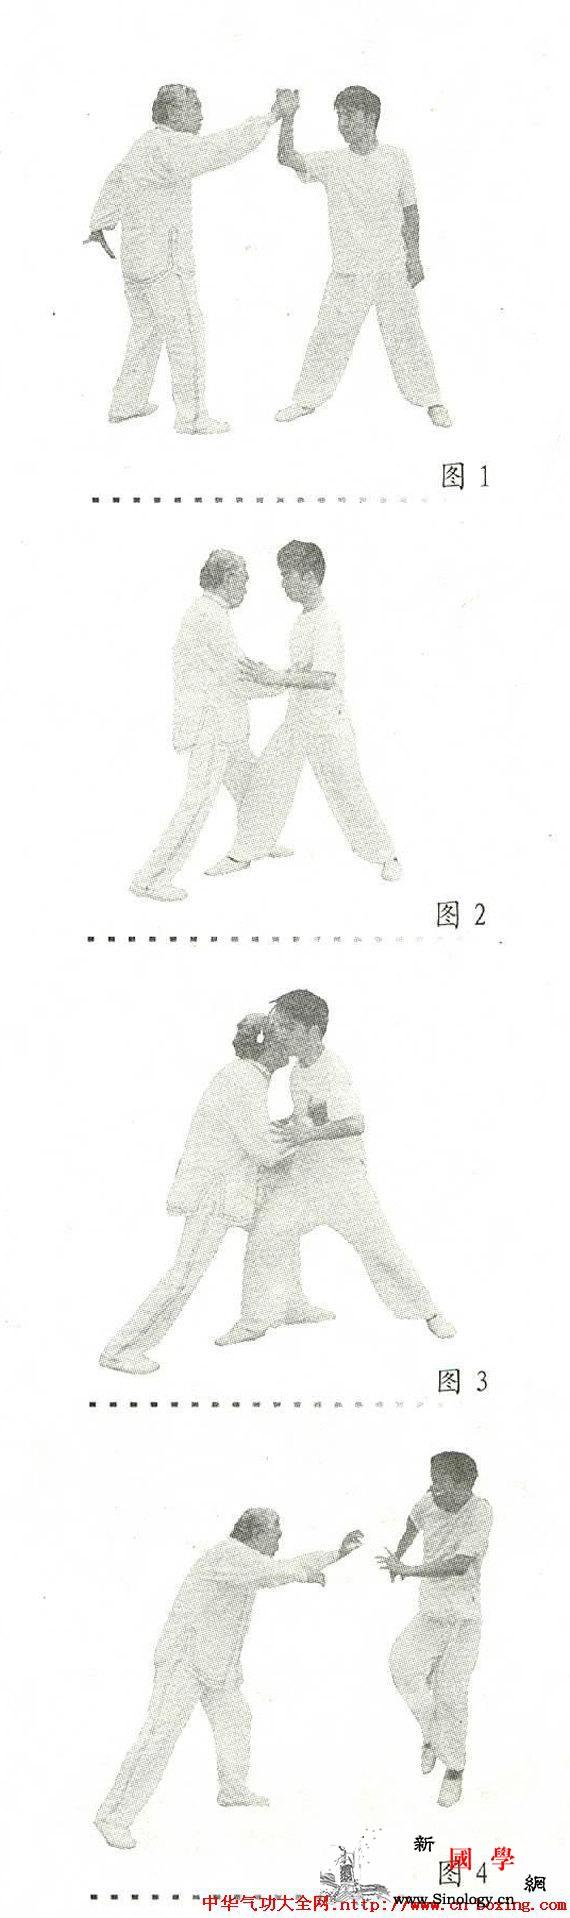 三皇炮捶攻防实战精选_腕部-目视-乙方-甲方-